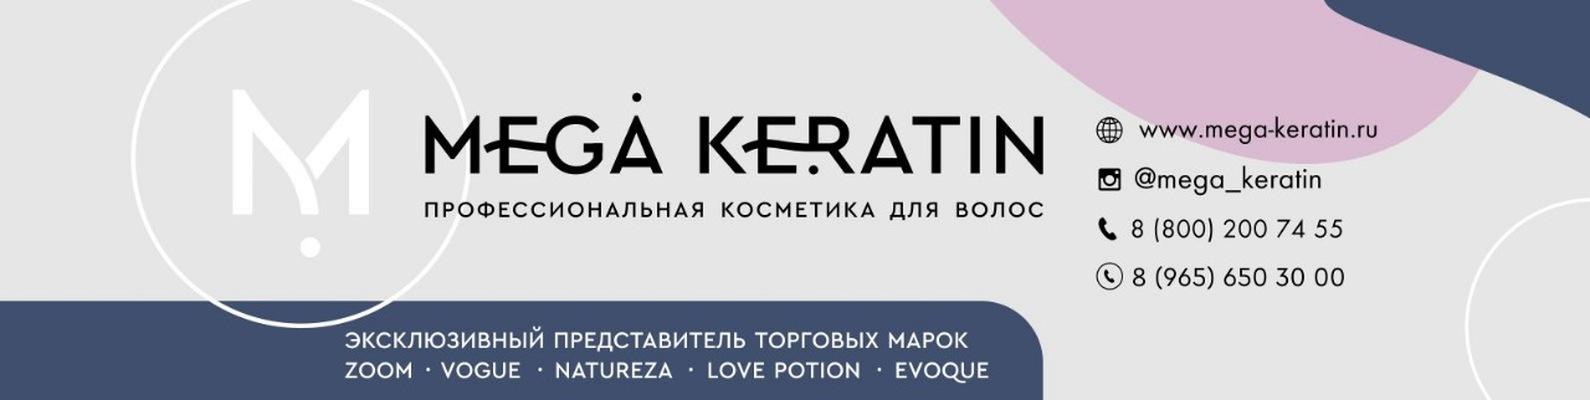 Мегакератин Ру Интернет Магазин Уфа